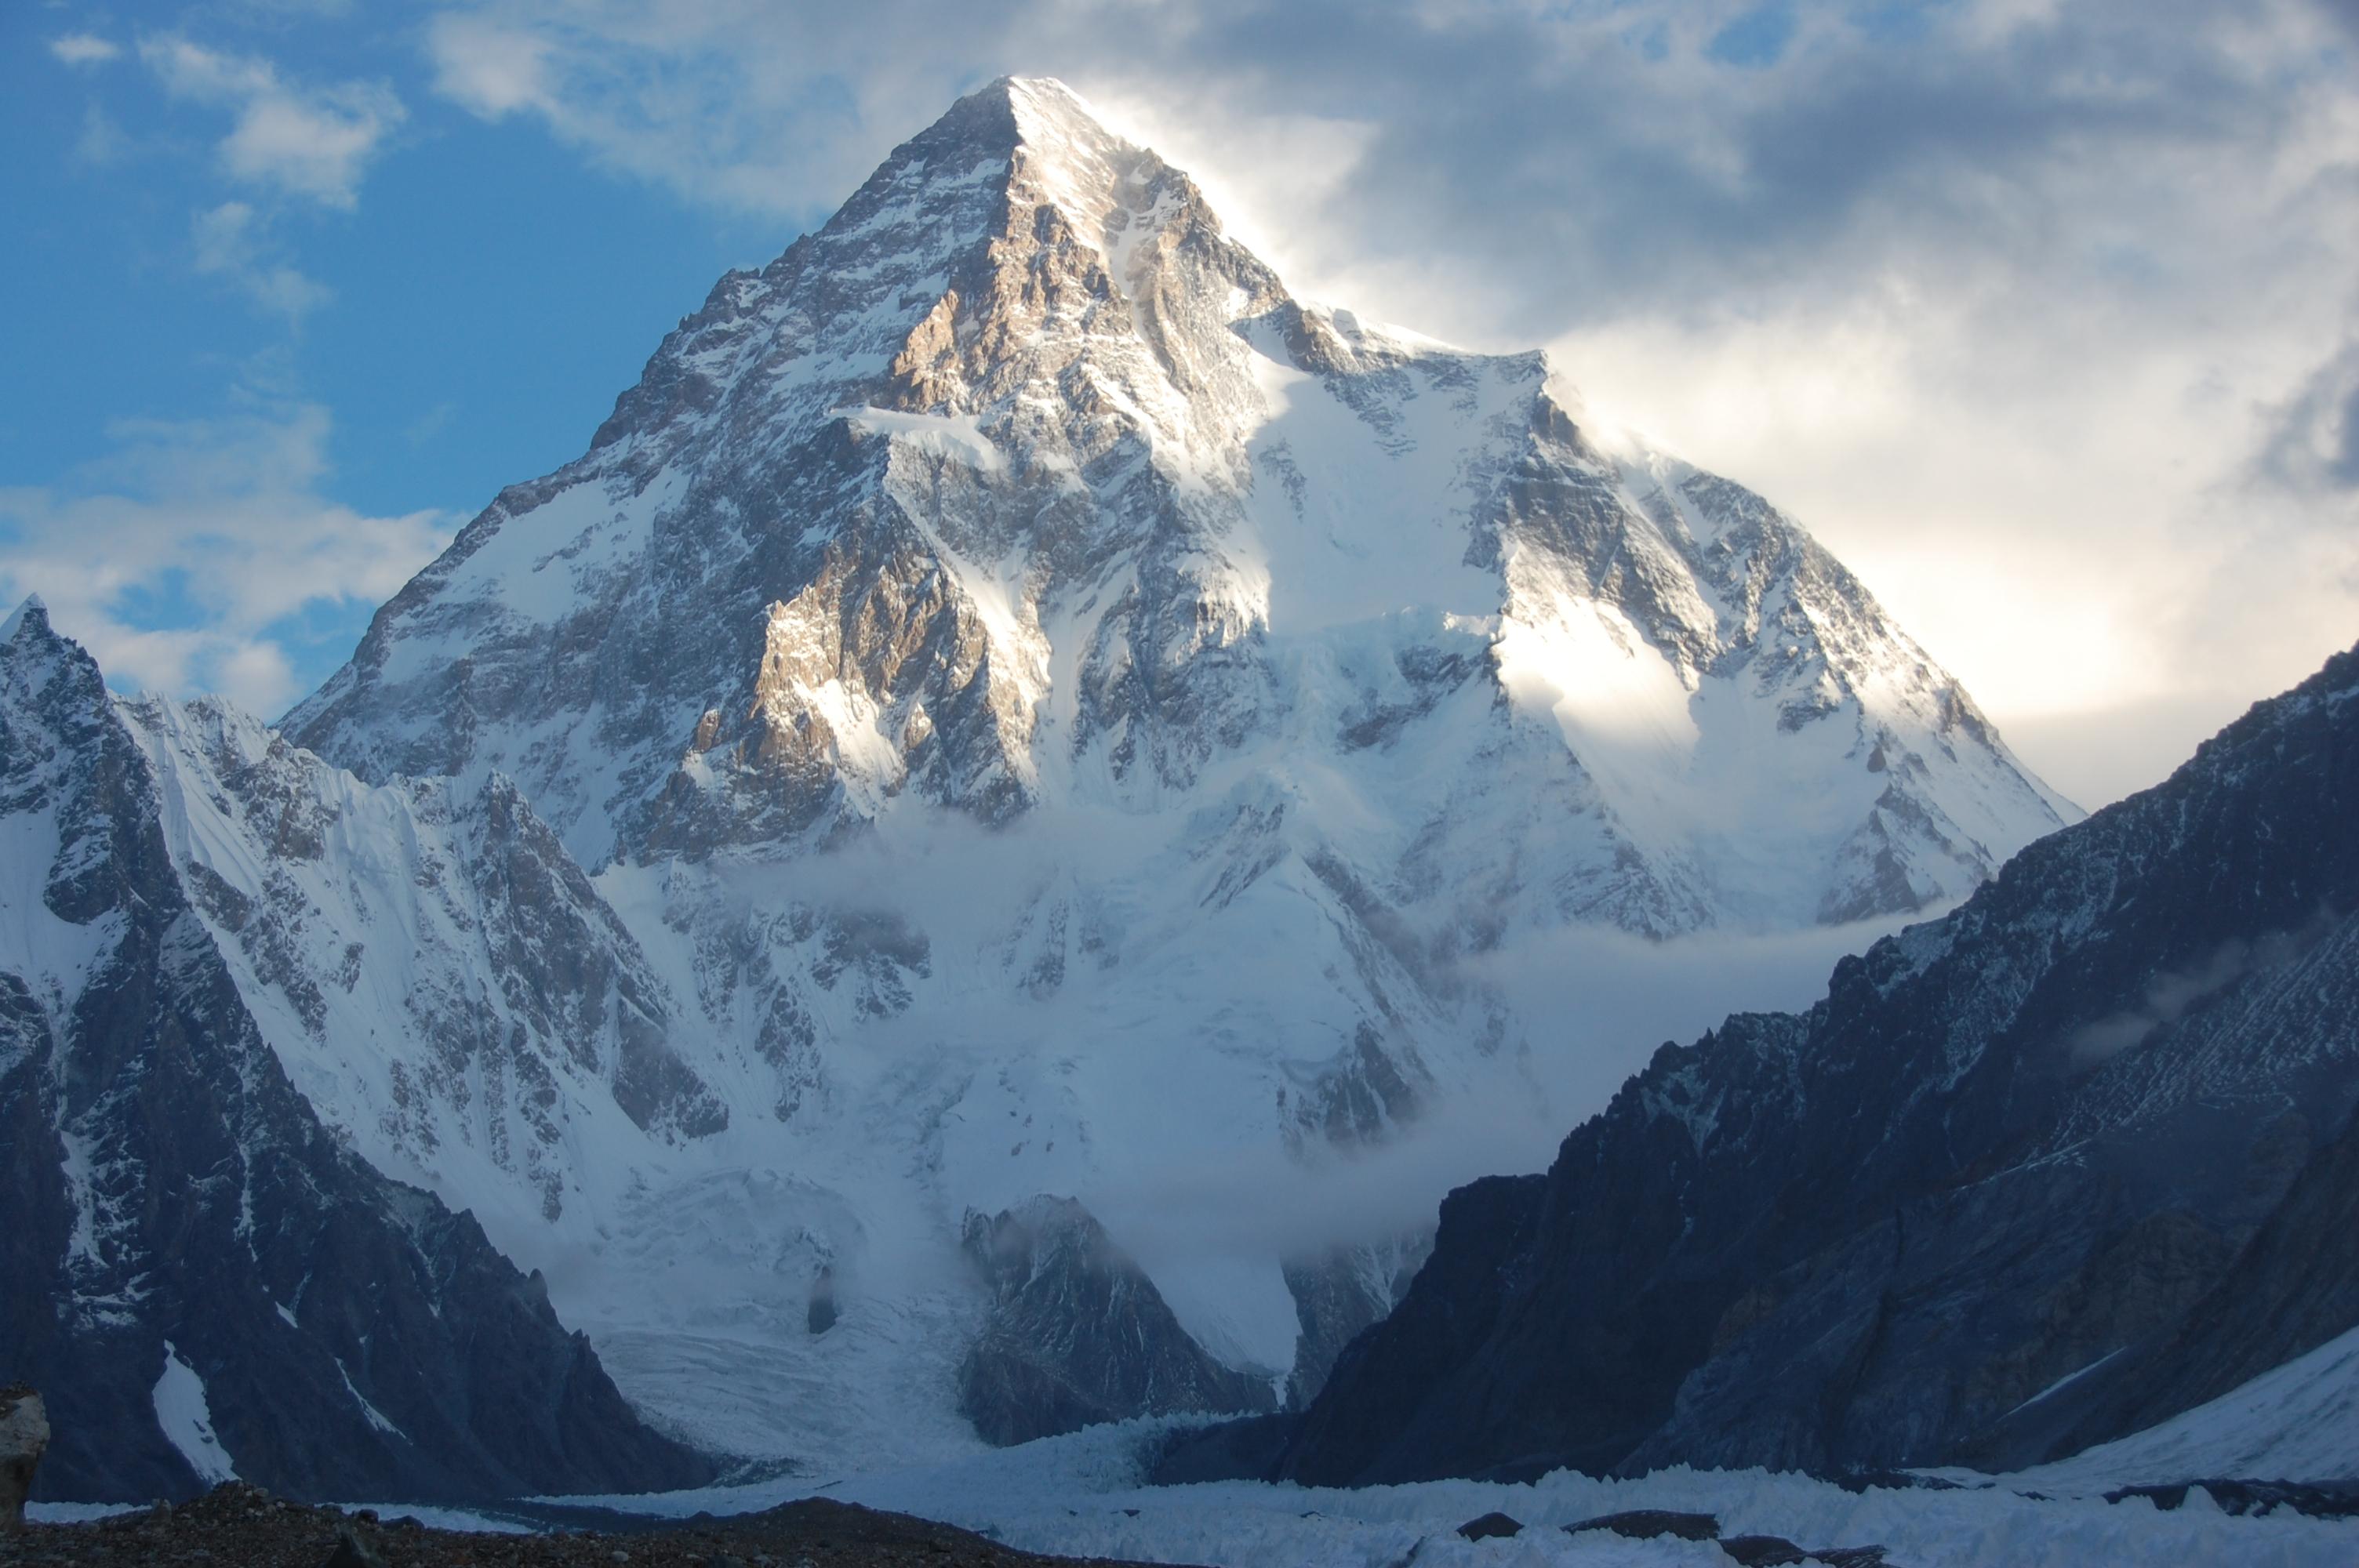 горы, высокие, гора, К2, Чогори, обои hd